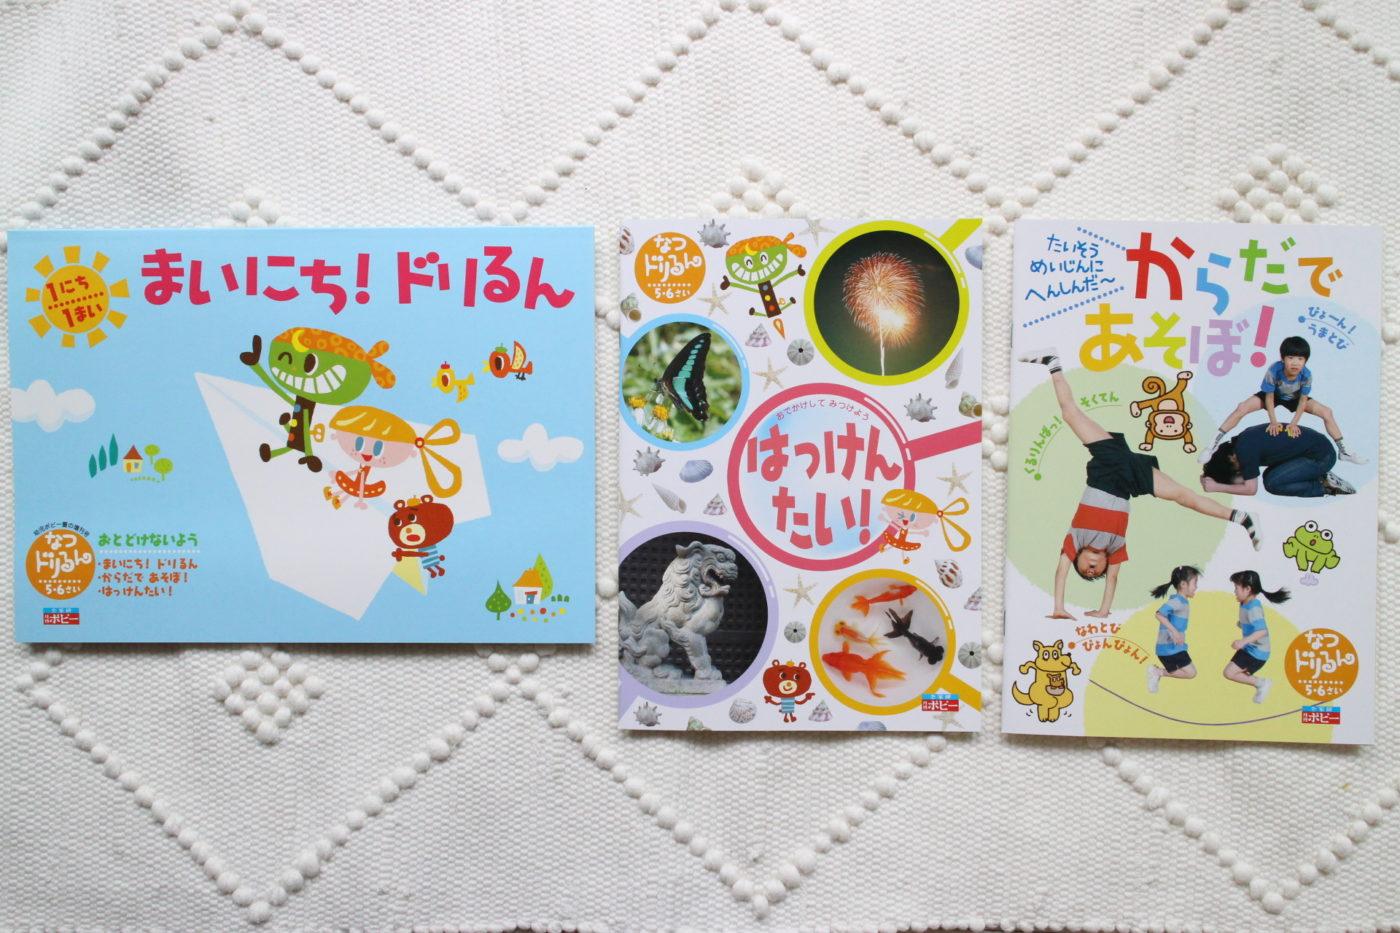 幼児ポピーの夏休みドリル教材「夏ドリるん」1,048円でこのボリューム。